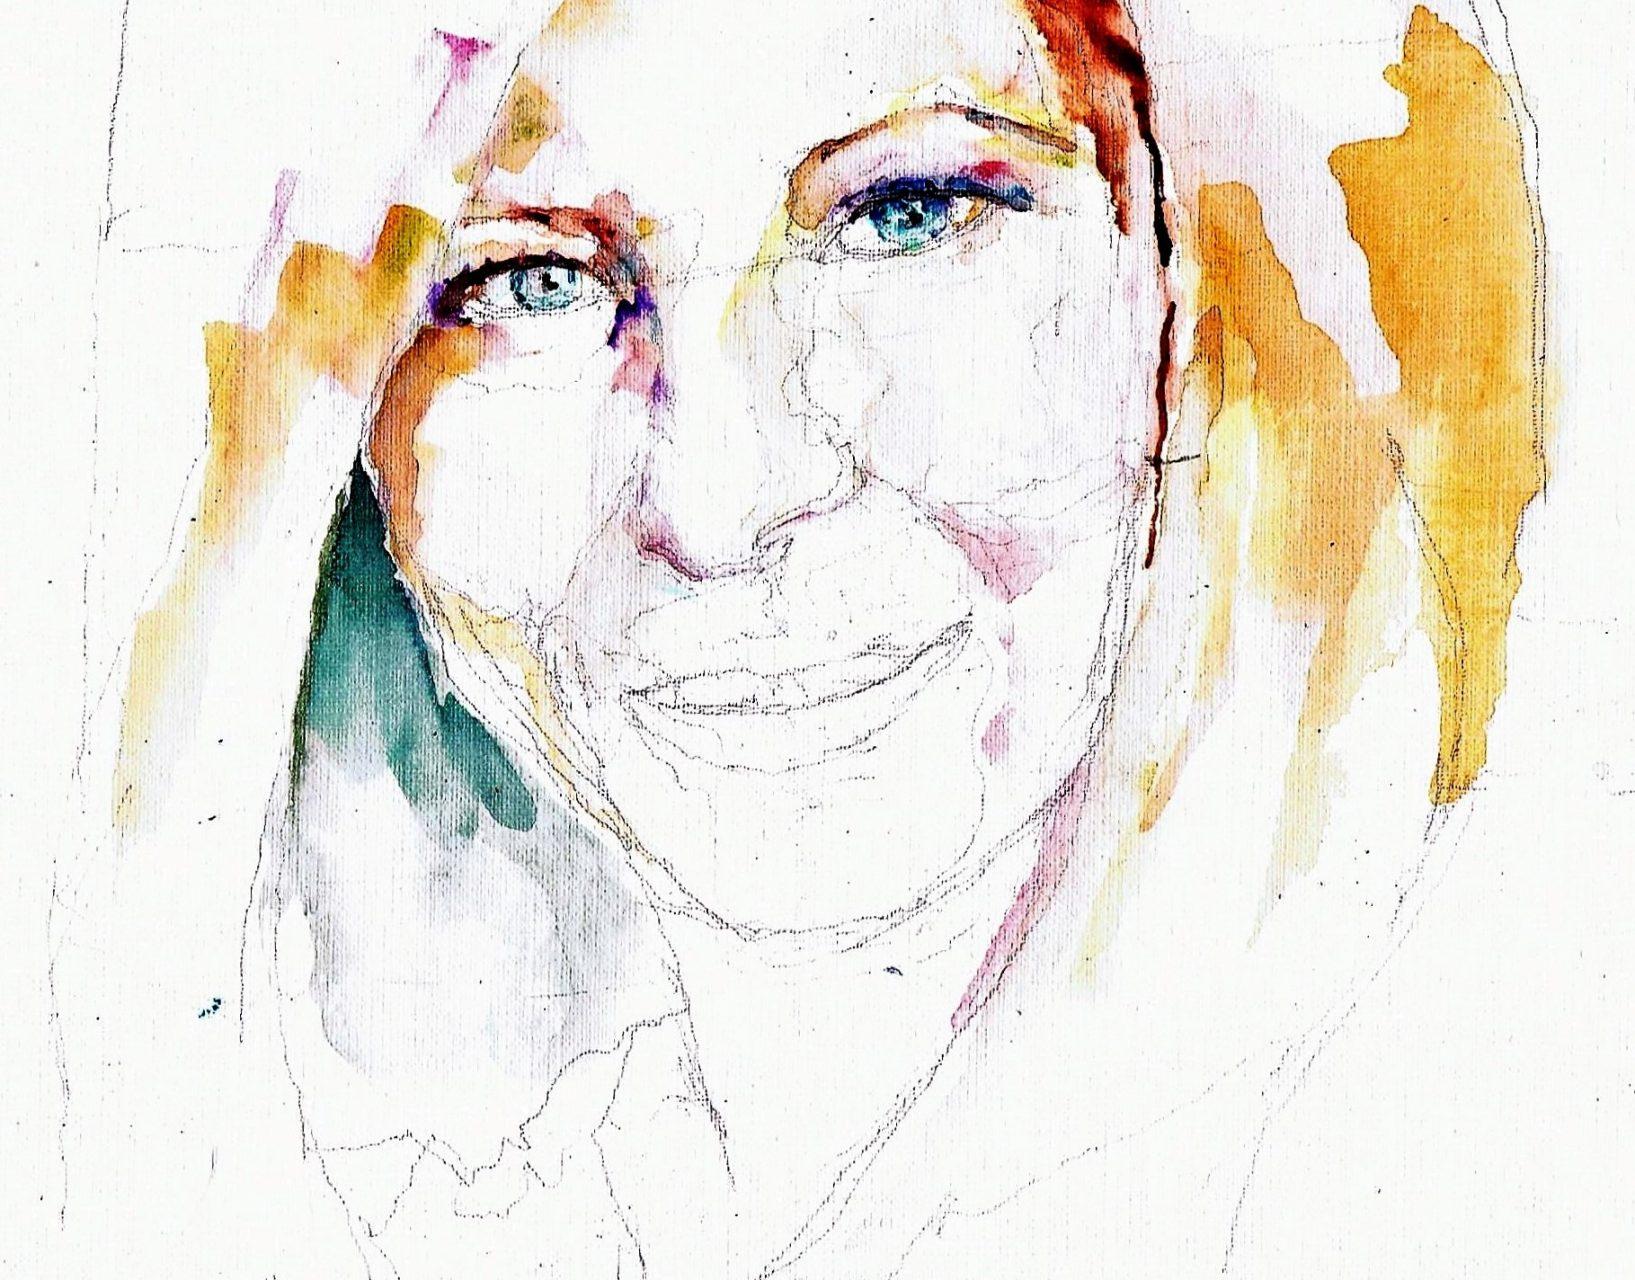 365 dagen een portret 86 Barbara Streisand, zangeres Aquarel 19c25